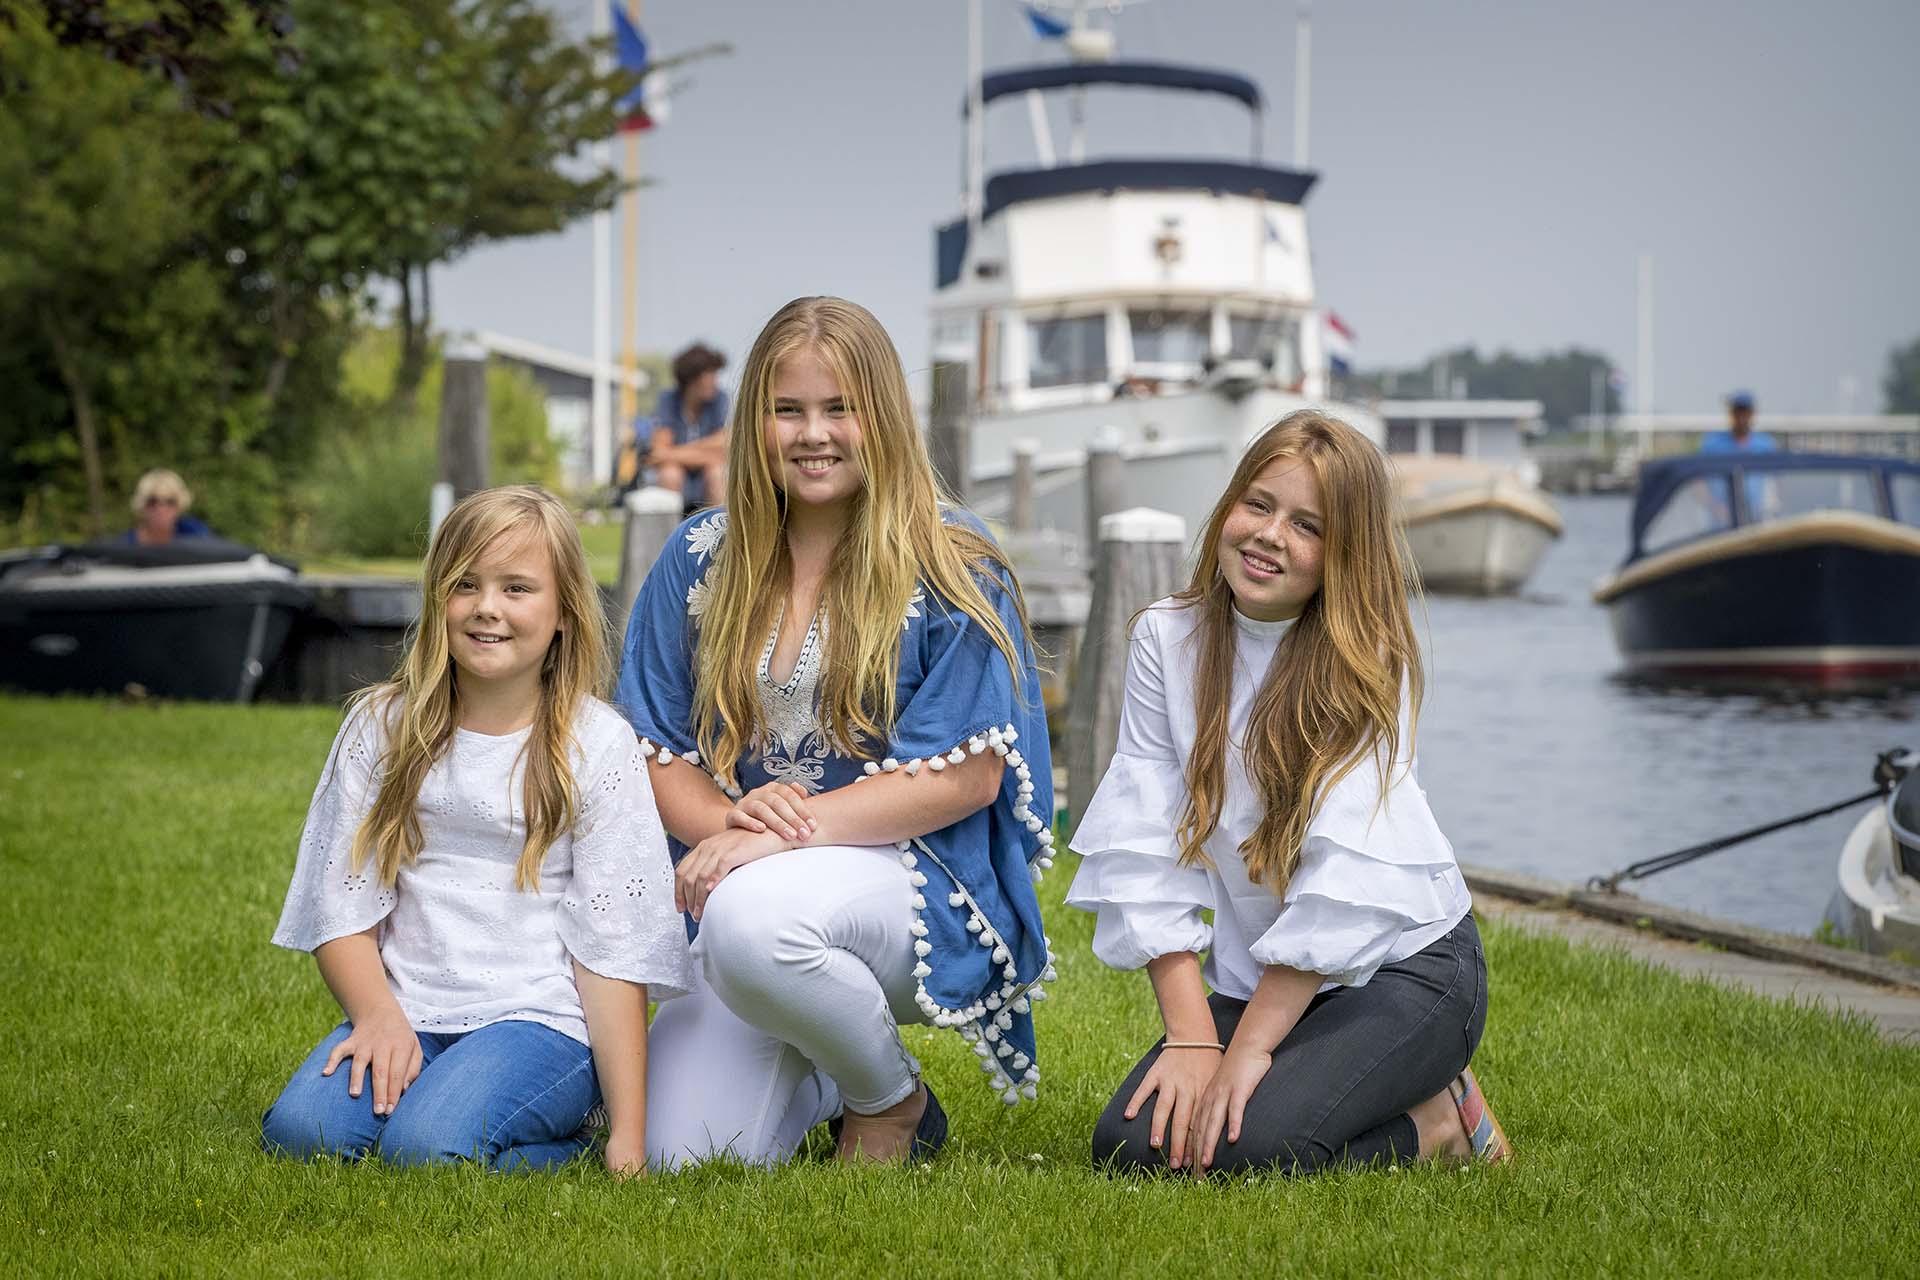 Con la misma simpatía y sencillez de sus padres, las tres hijas de Máxima y Guillermo posaron con naturalidad, luciendo jeans y blusas con mangas amplias